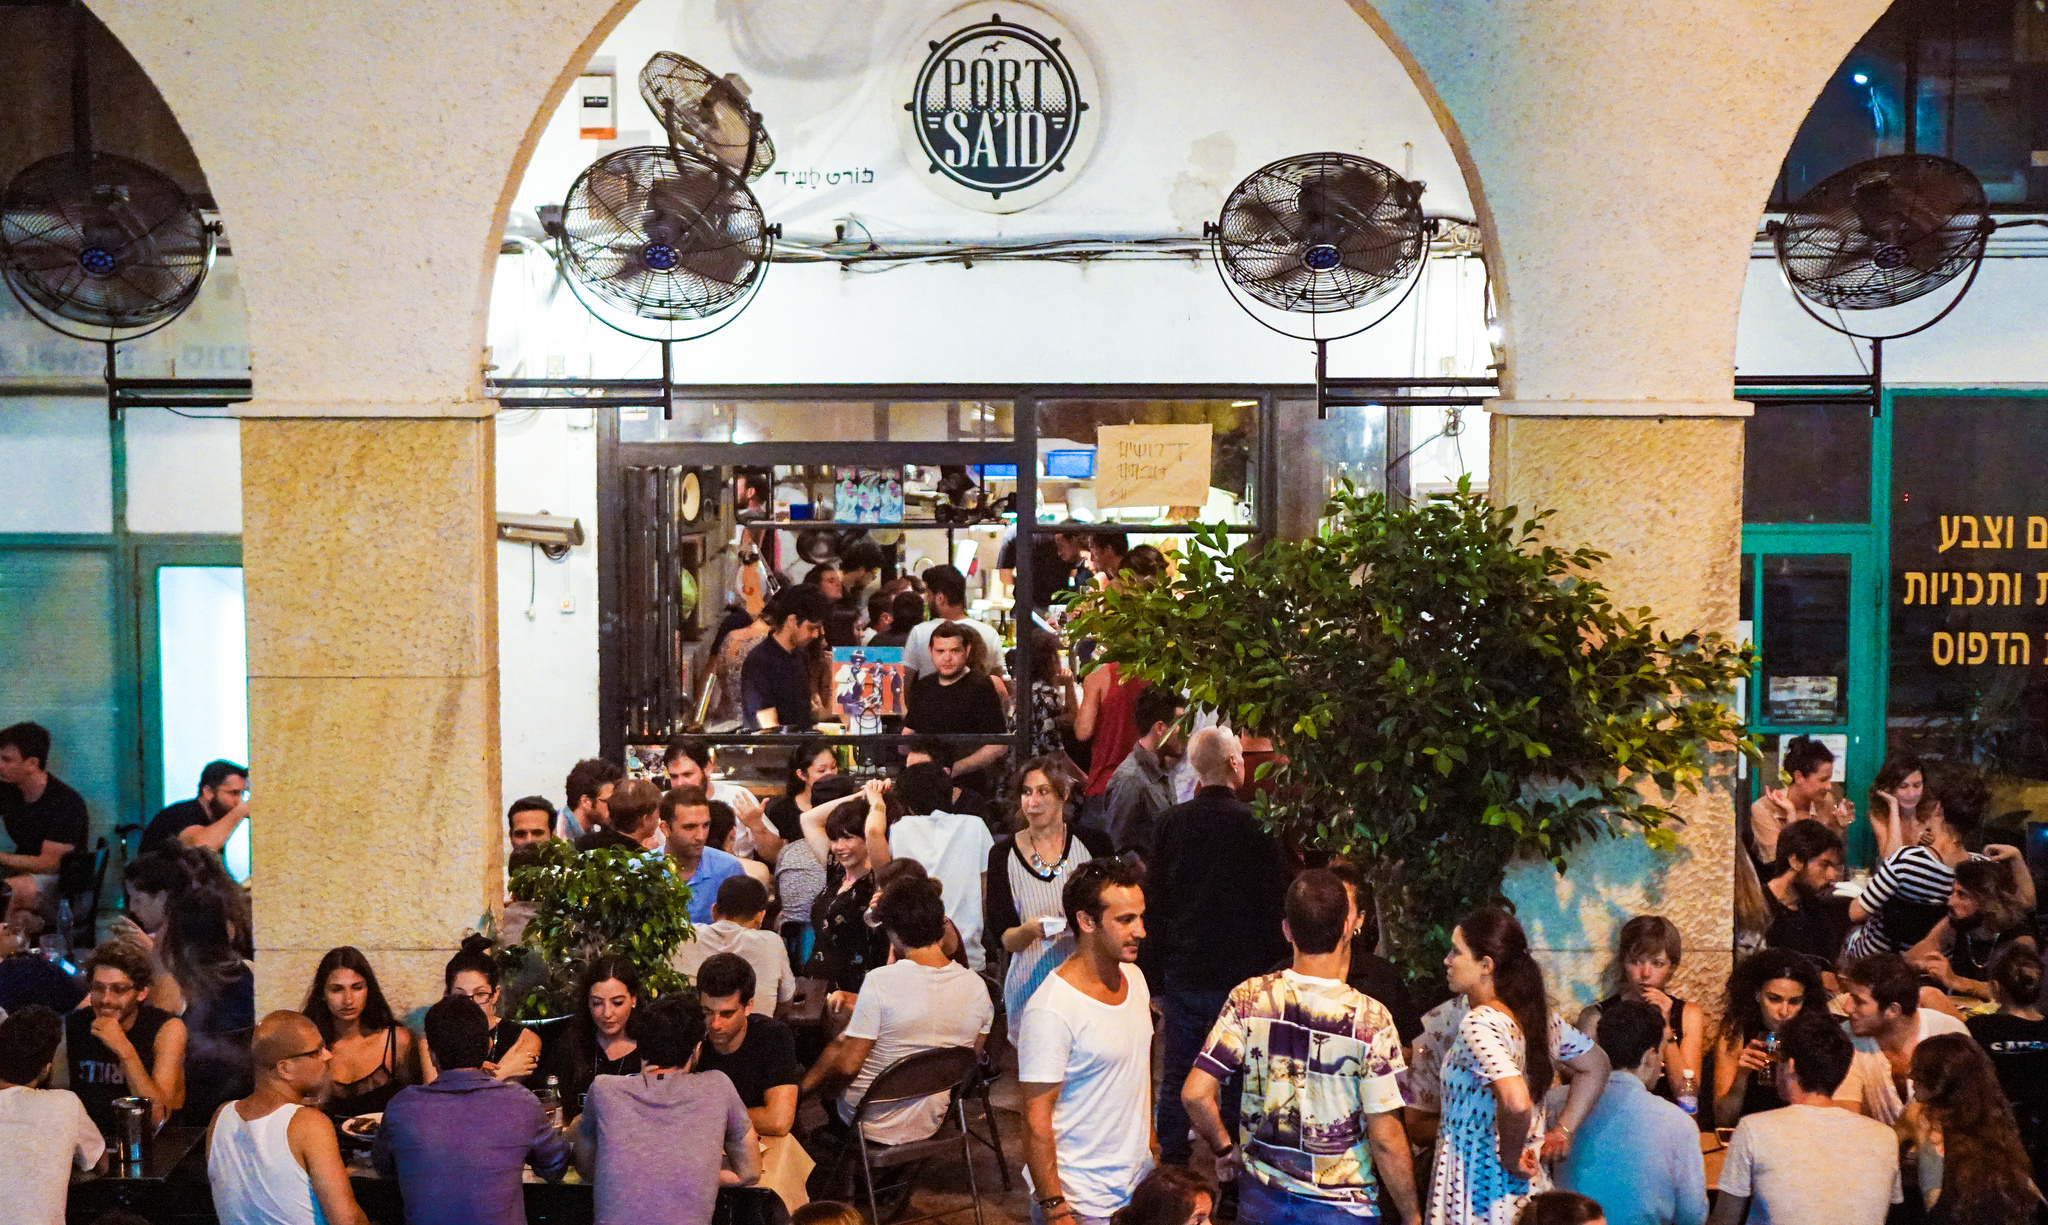 port-said-restaurant-tel-aviv-1.jpg